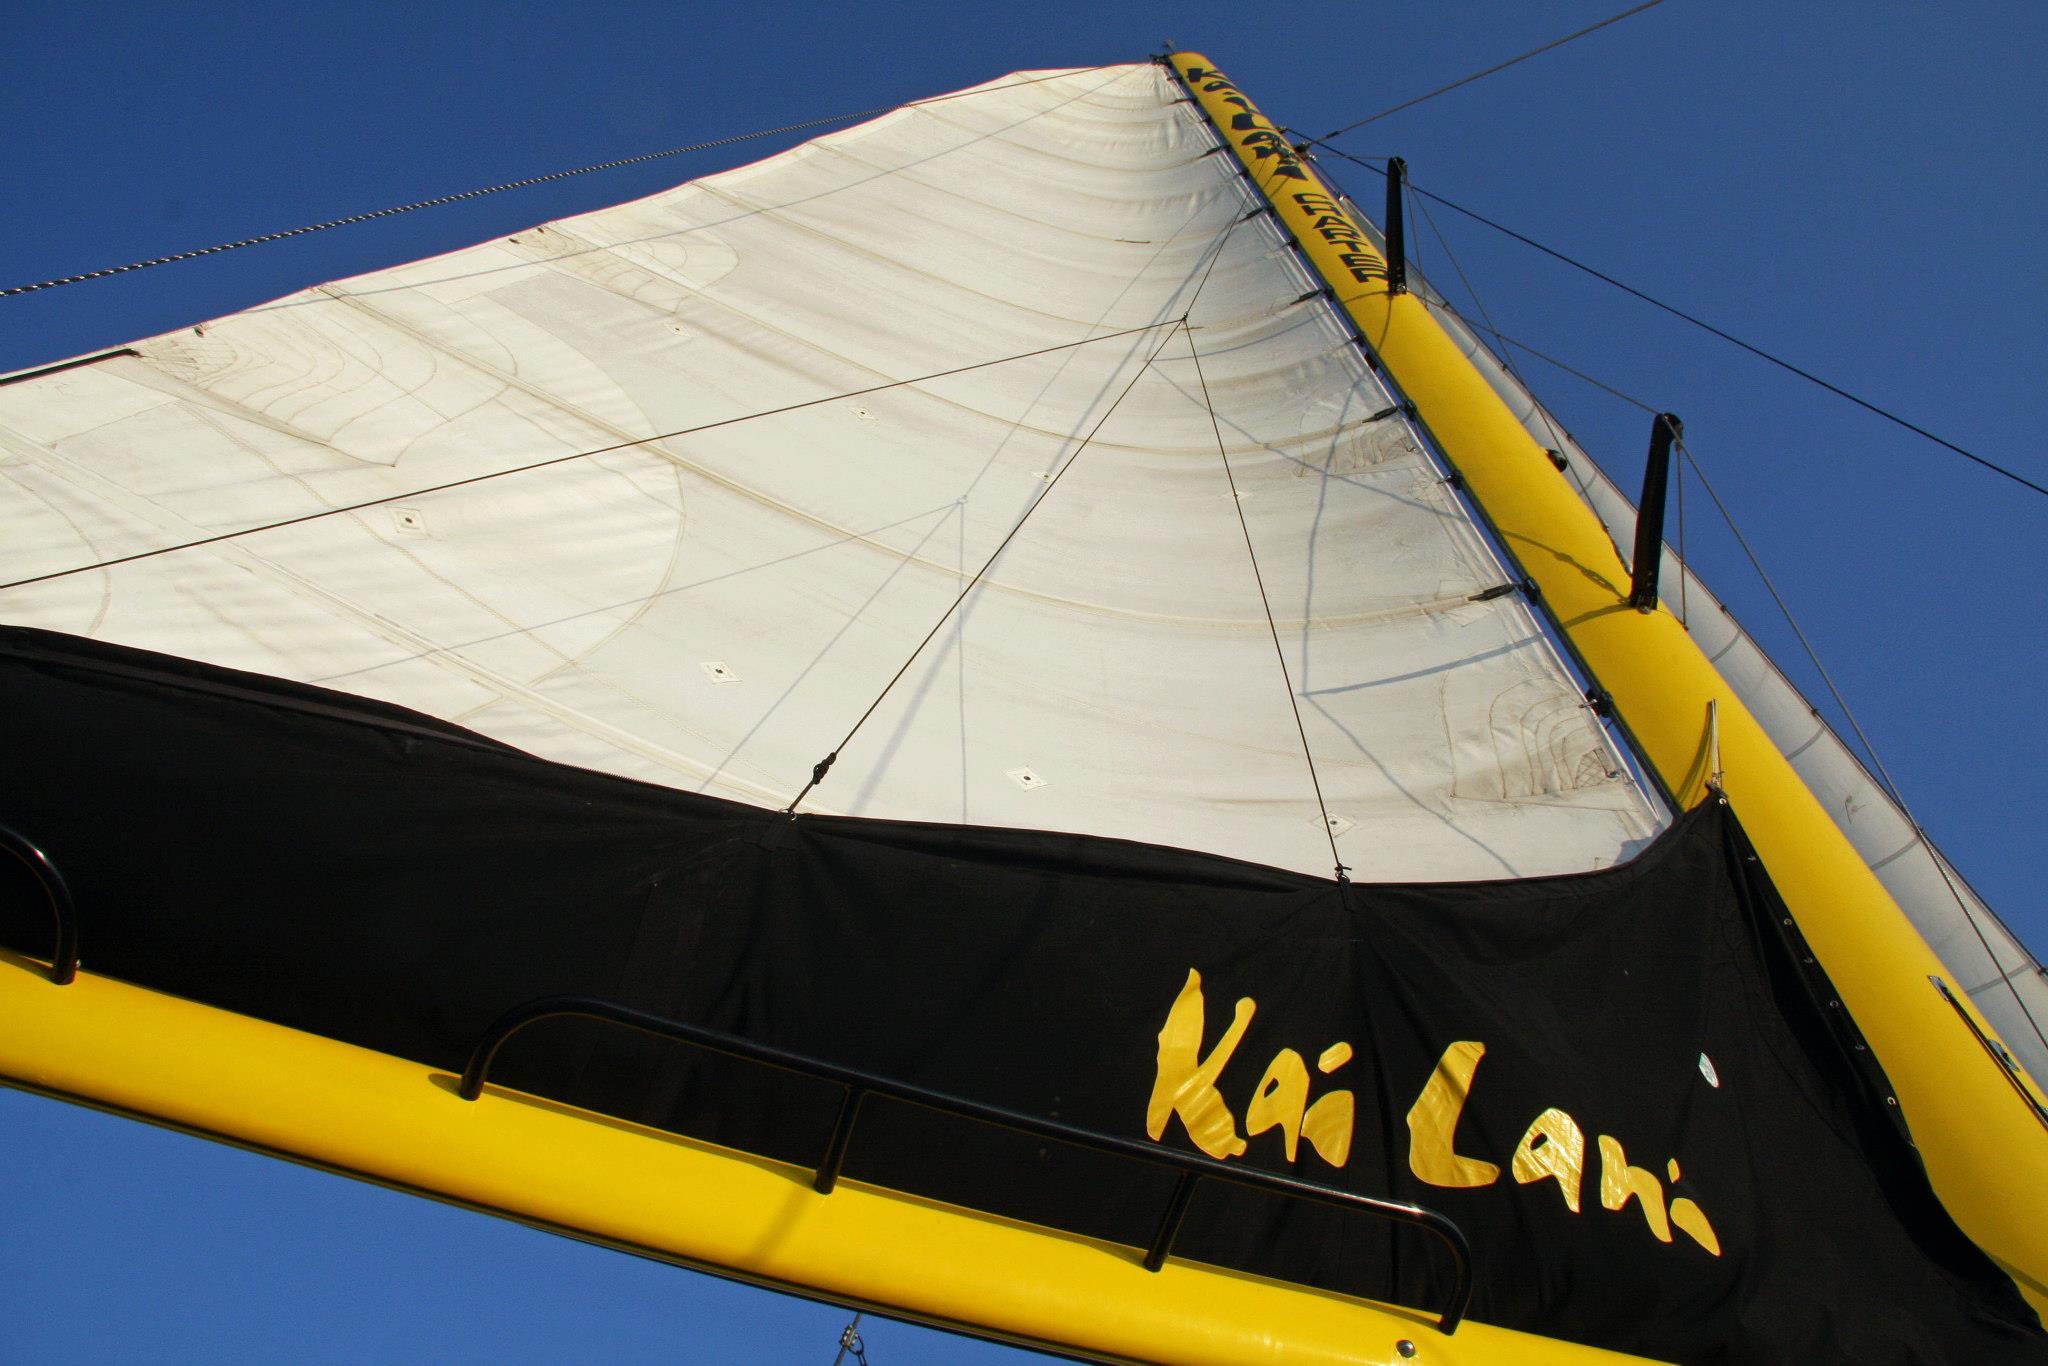 Kai Lani Catamaran